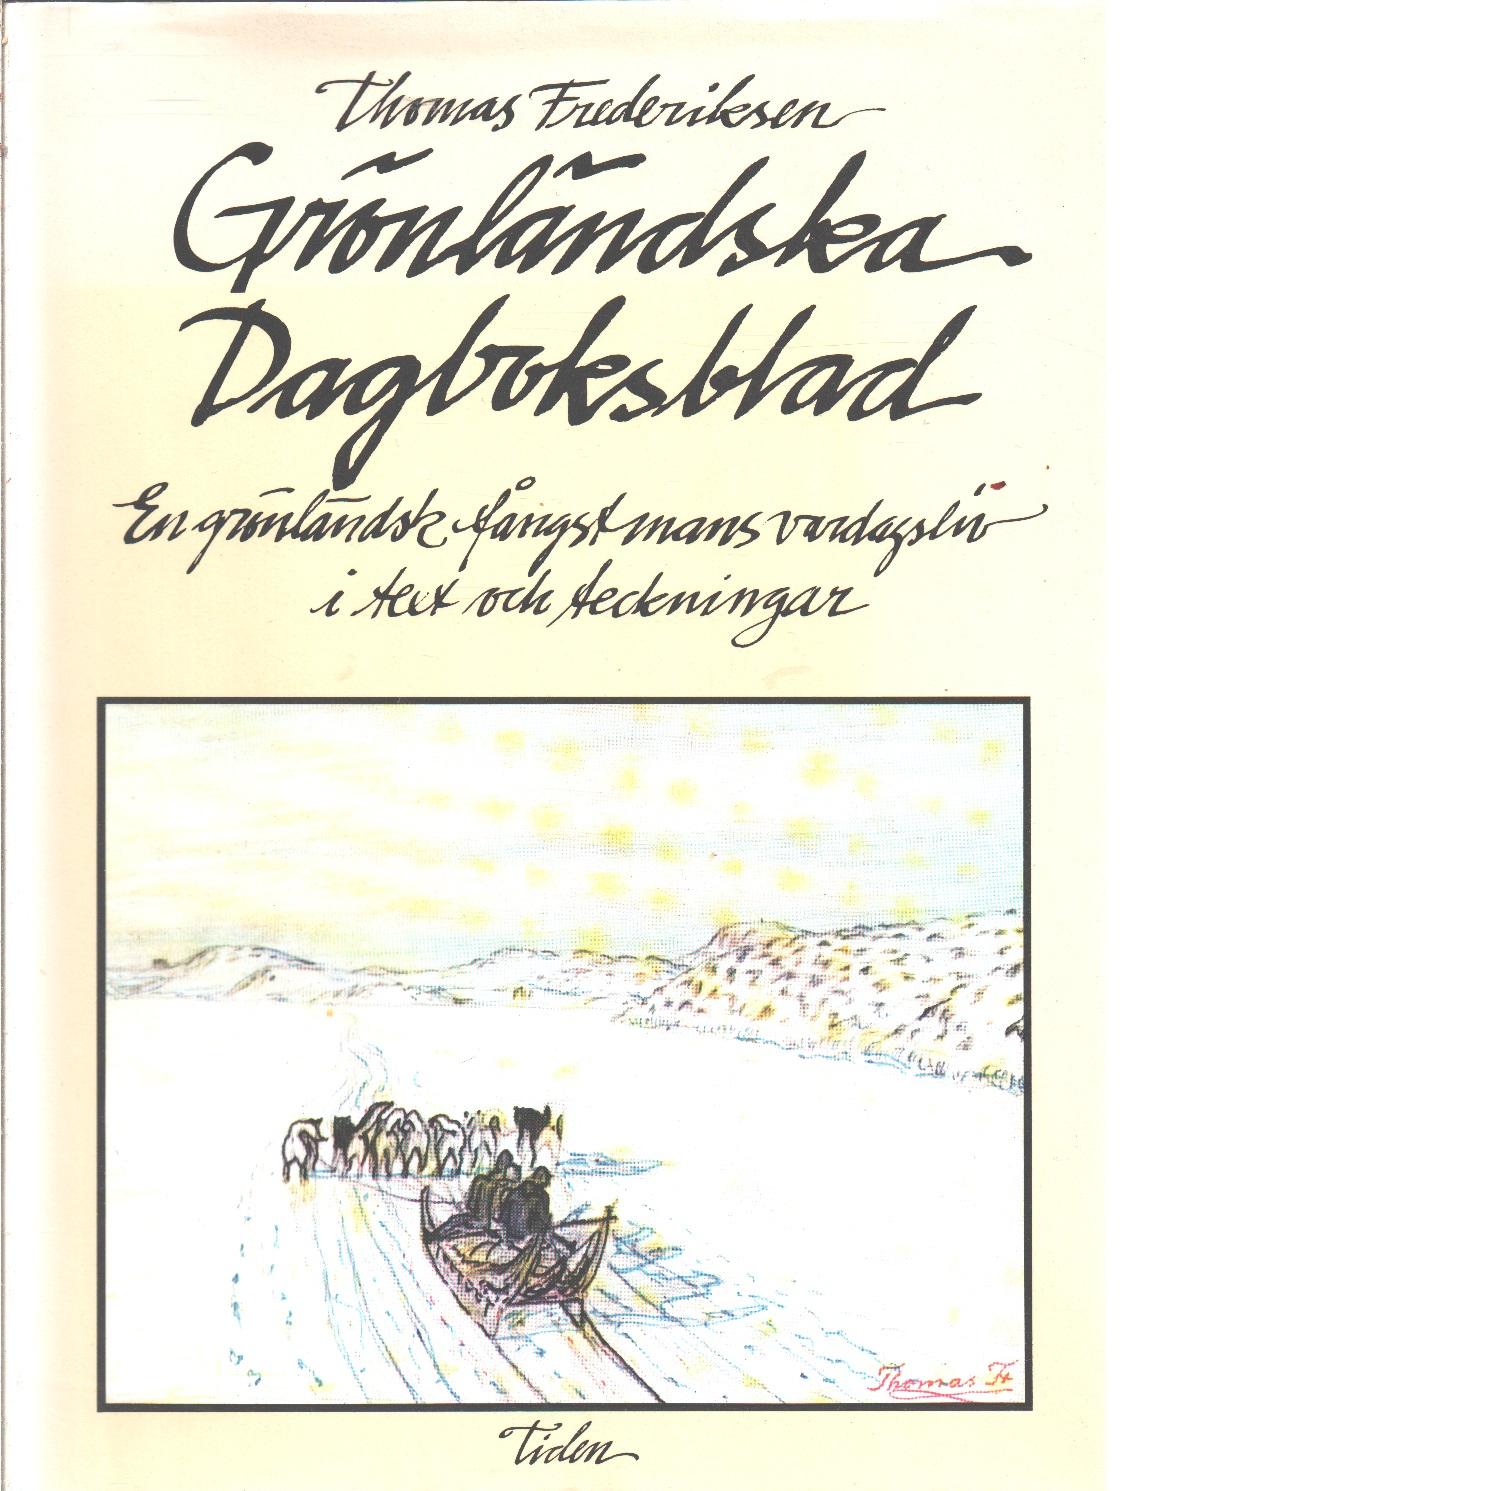 Grönländska dagboksblad : en grönländsk fångstmans vardagsliv i text och teckningar  - Frederiksen, Thomas